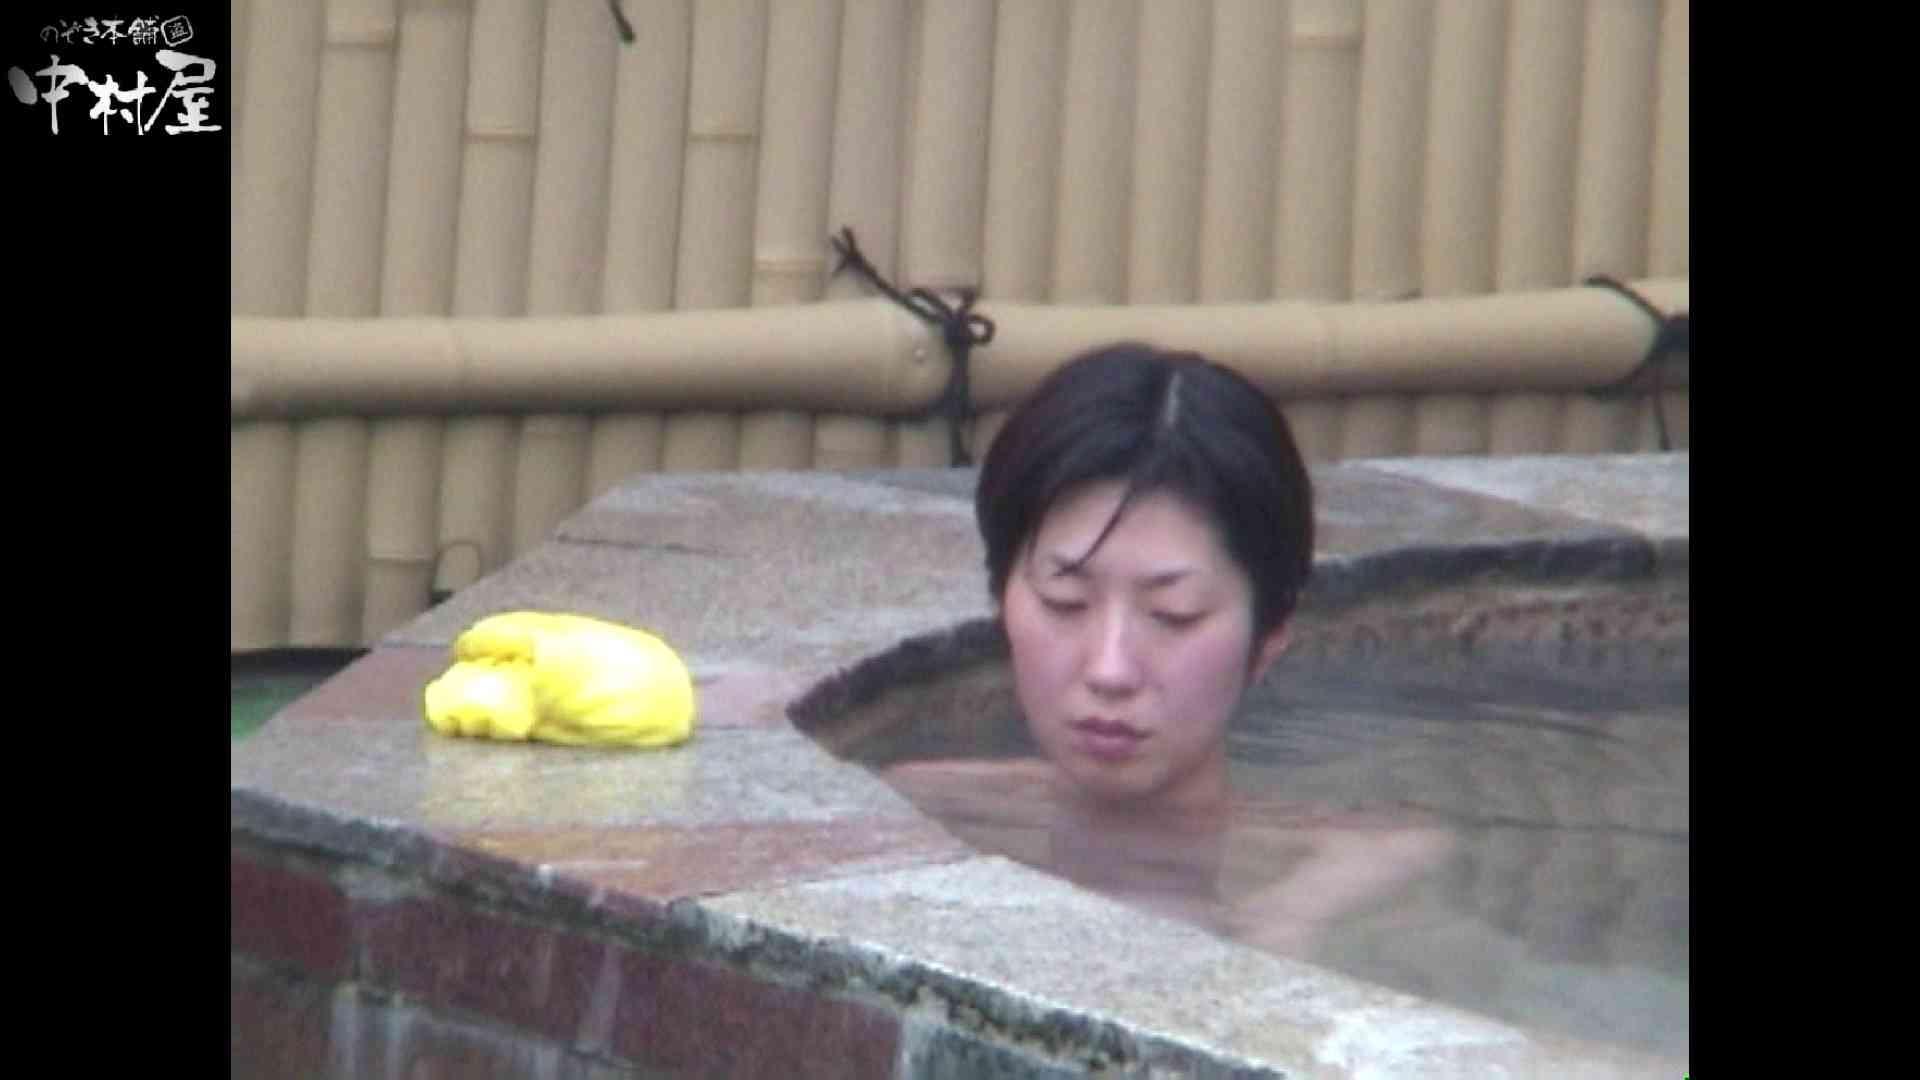 Aquaな露天風呂Vol.921 盗撮特集 | 露天  93画像 66